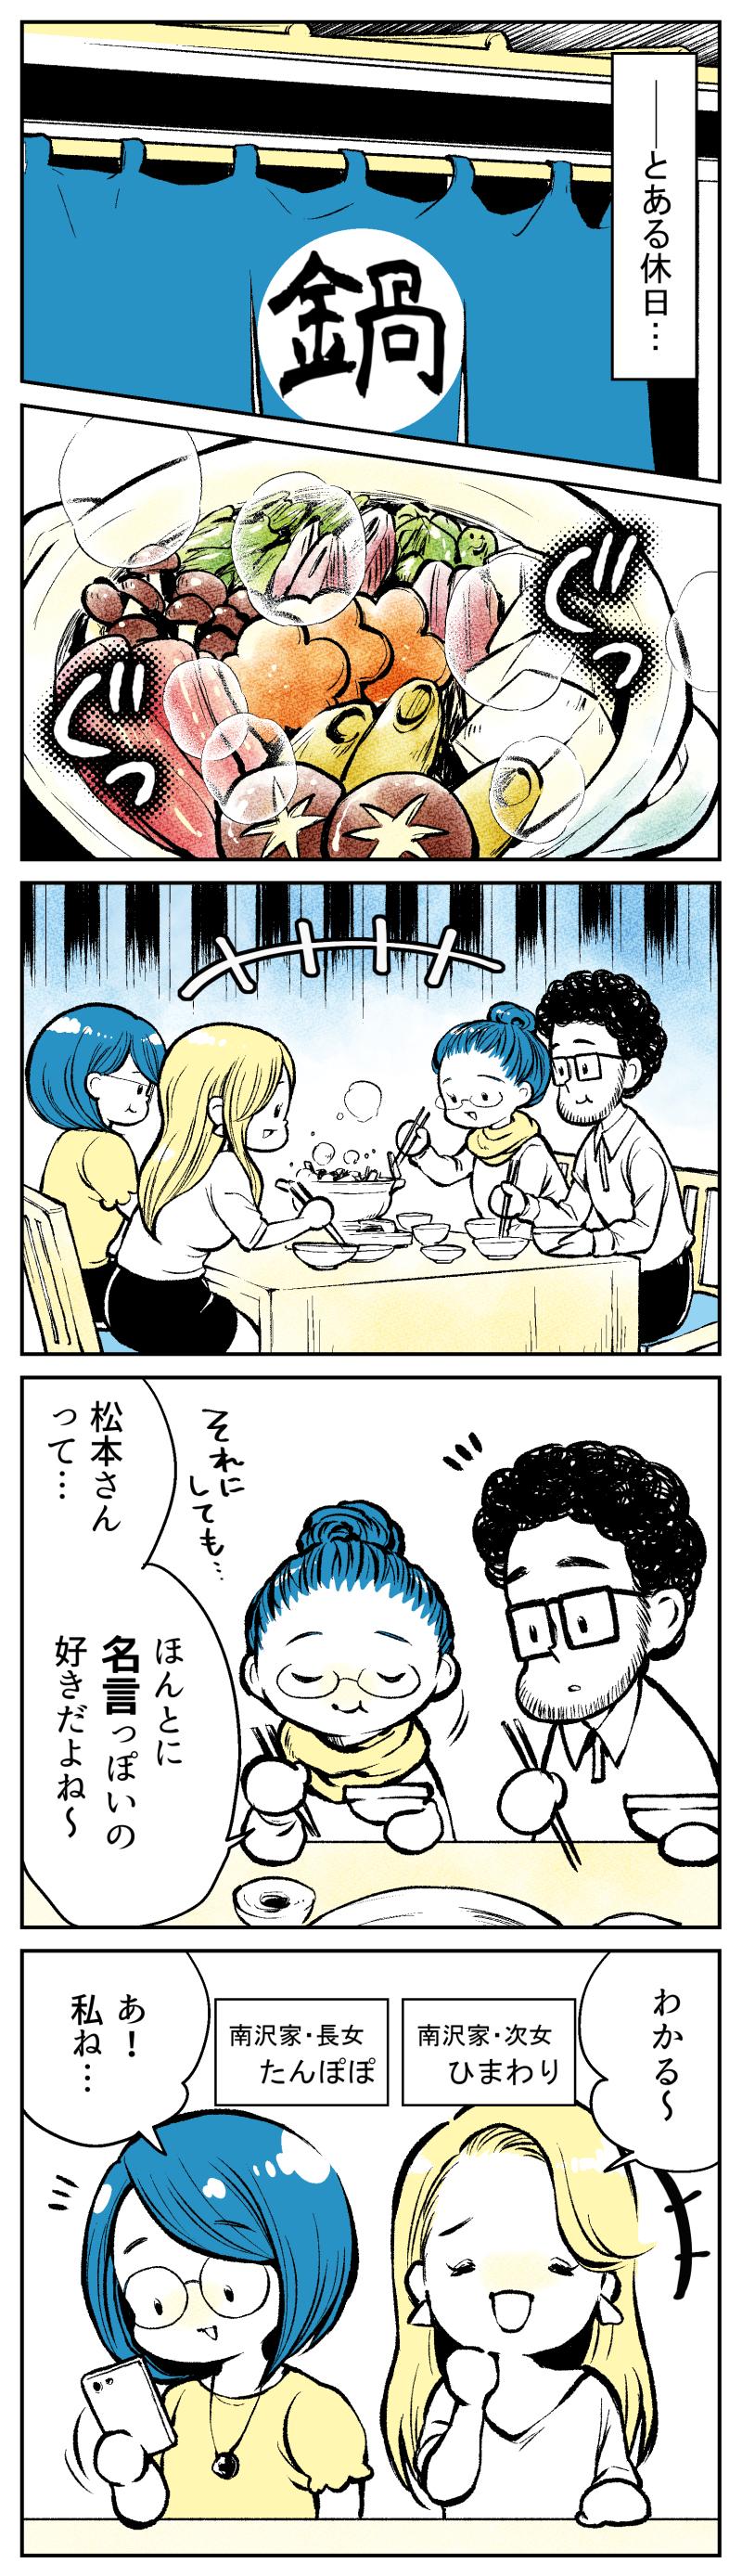 伯爵4話_001.jpg